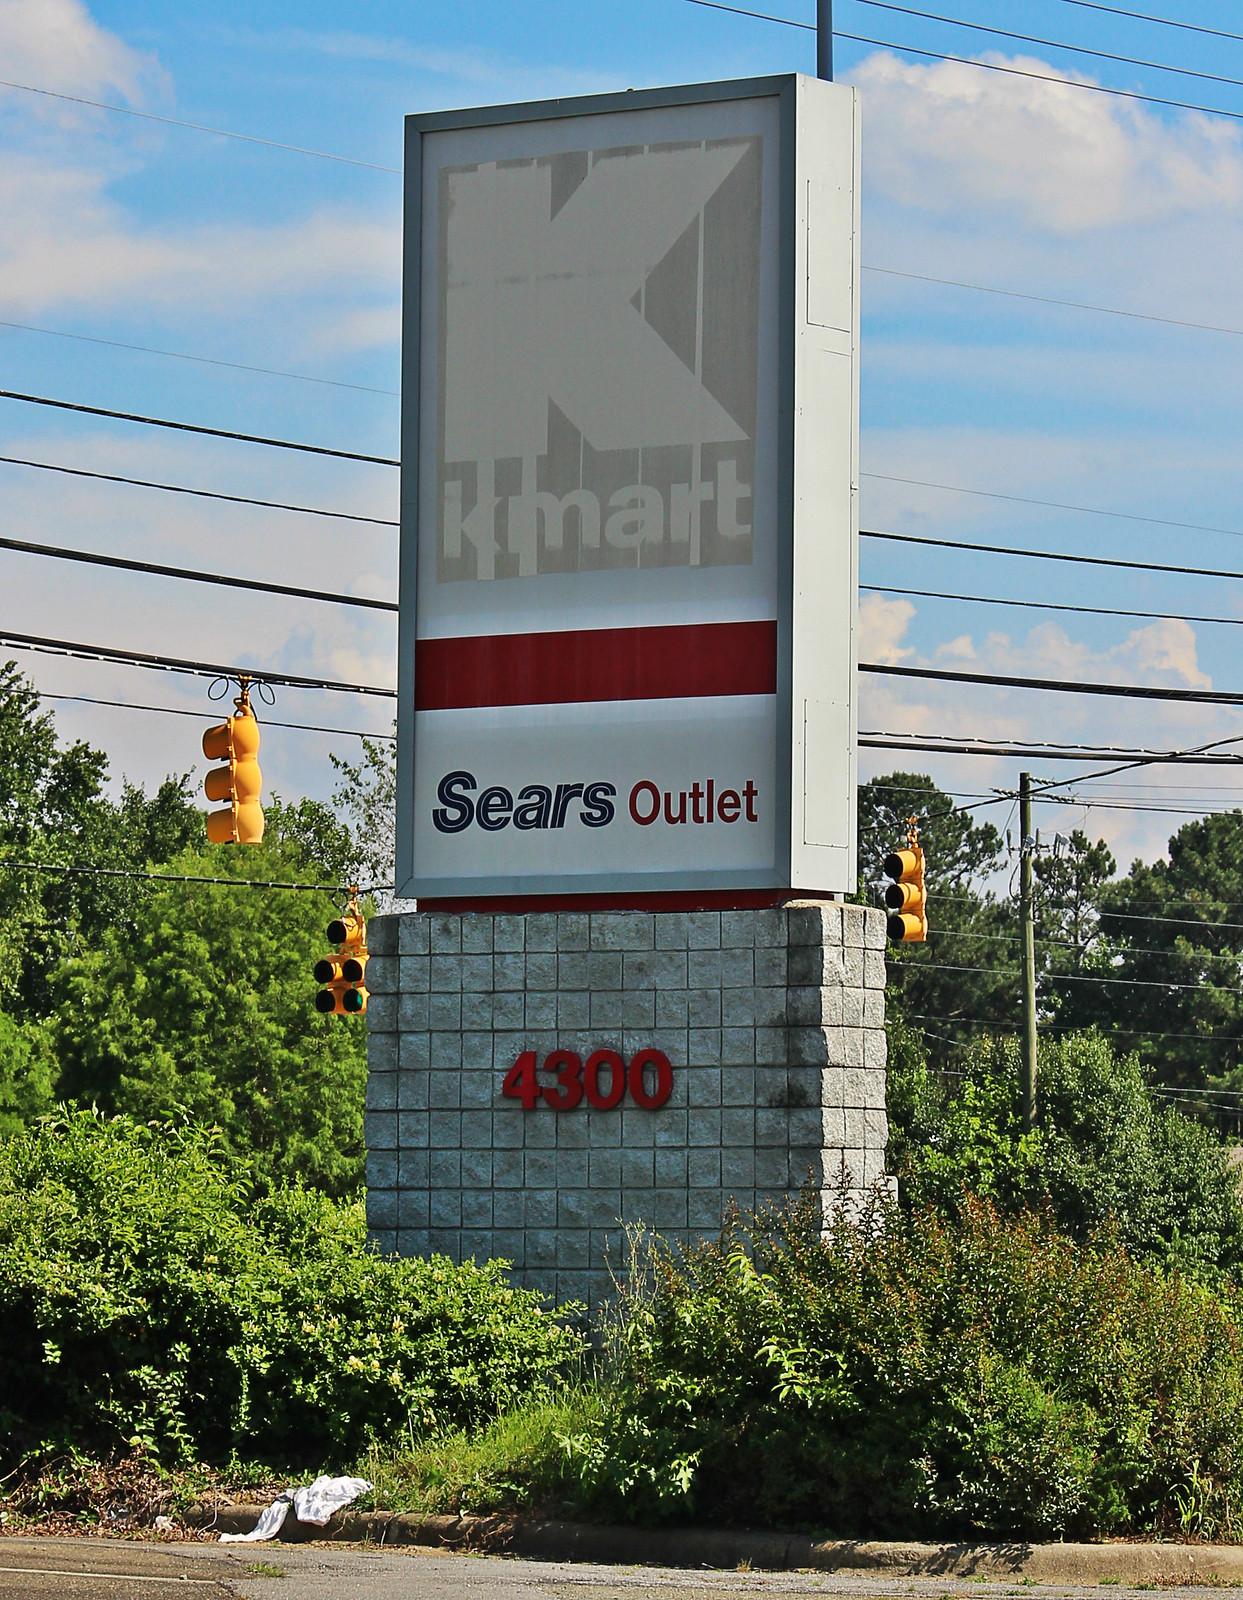 Former Super Kmart -- Garner, NC